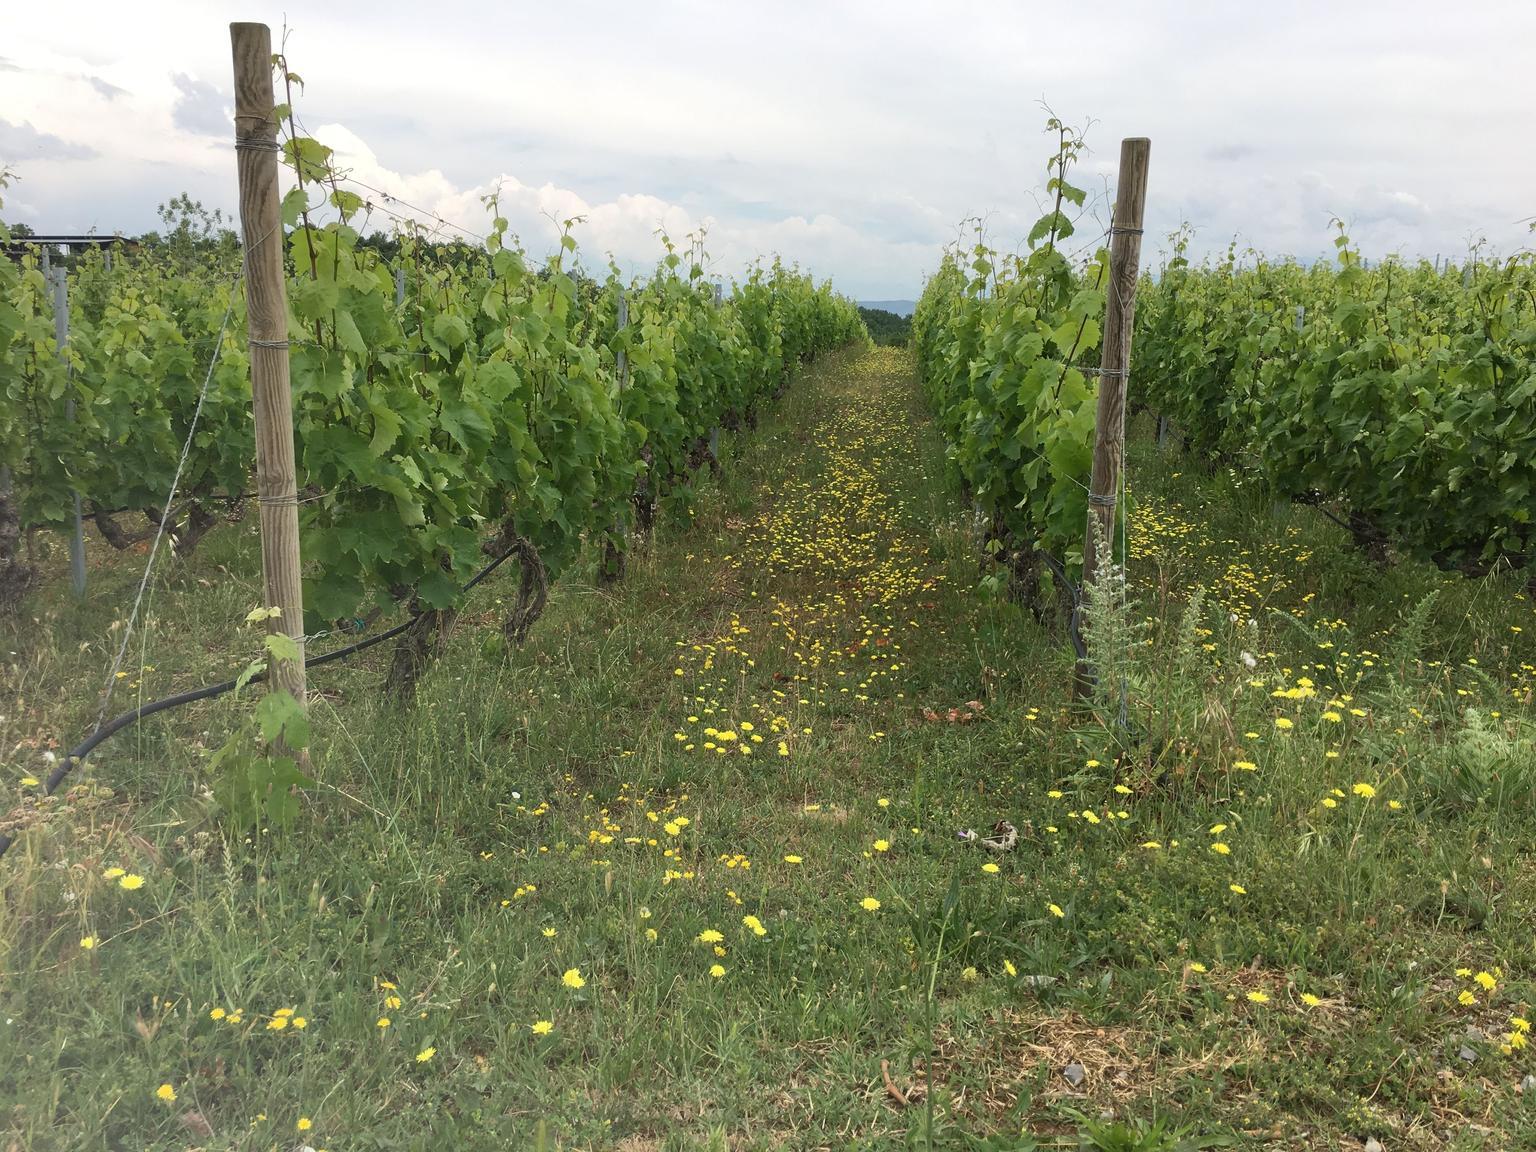 MÁS FOTOS, Recorrido de senderismo de un día con actividades vinícolas desde Naoussa - Tesalónica